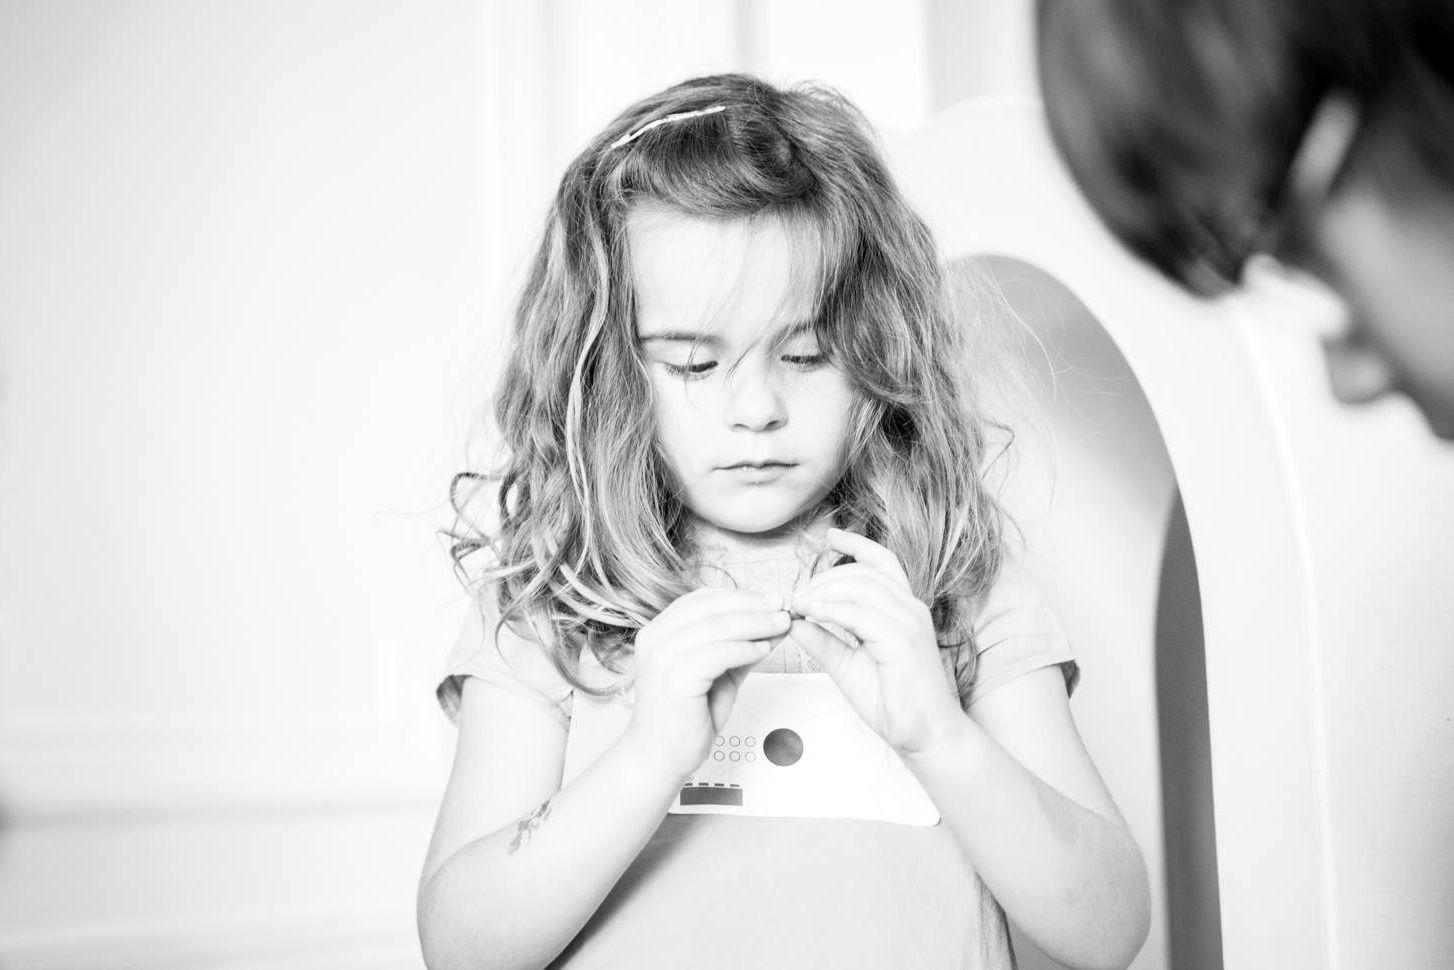 Les portraits en noir et blanc de la Poule ont été pris par la jolie Odeline dont je vous invite à découvrir le blog ci-dessous... Merci!